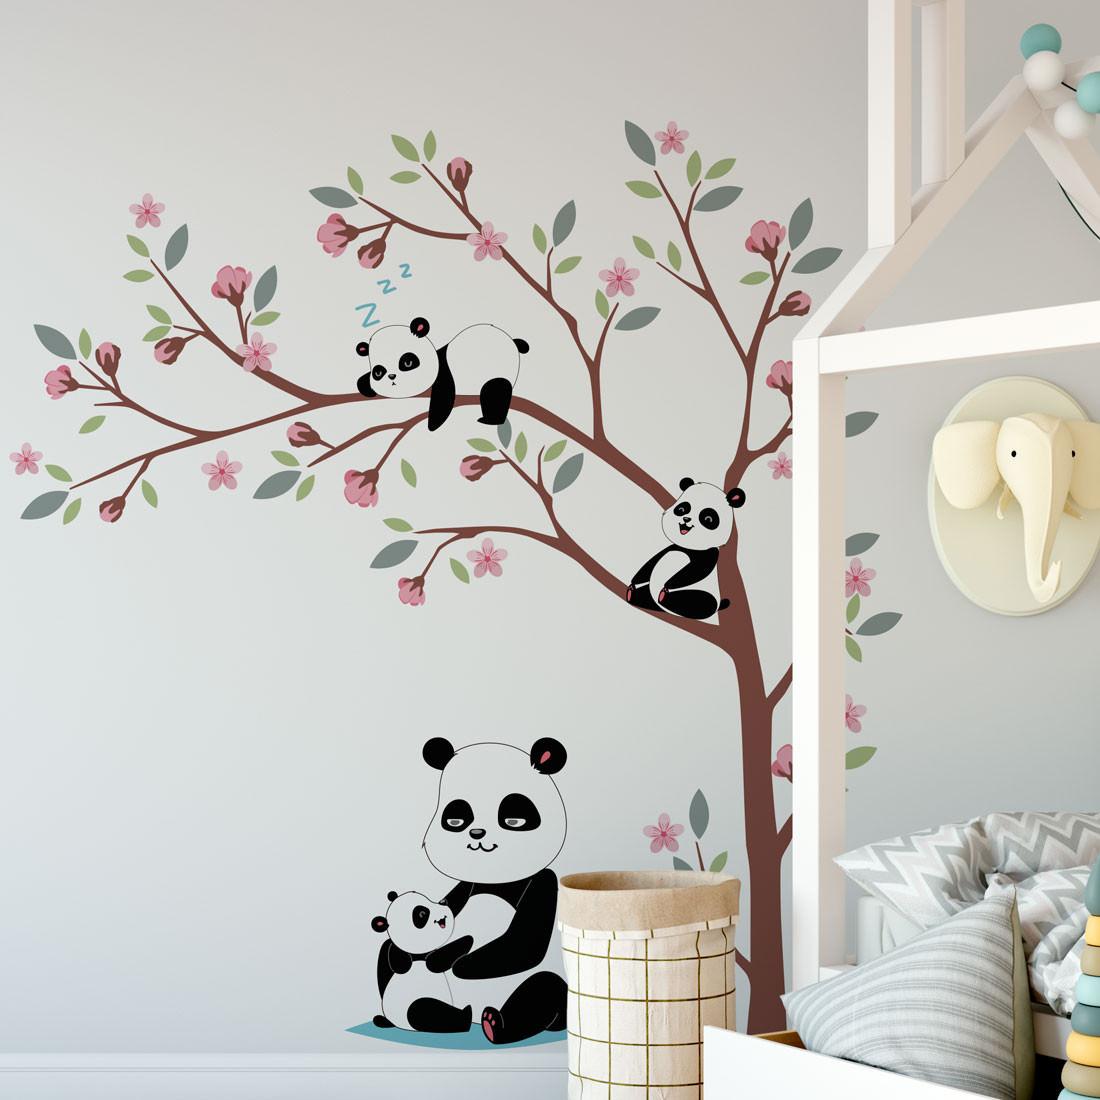 Adesivo de parede fofo para quarto infantil.